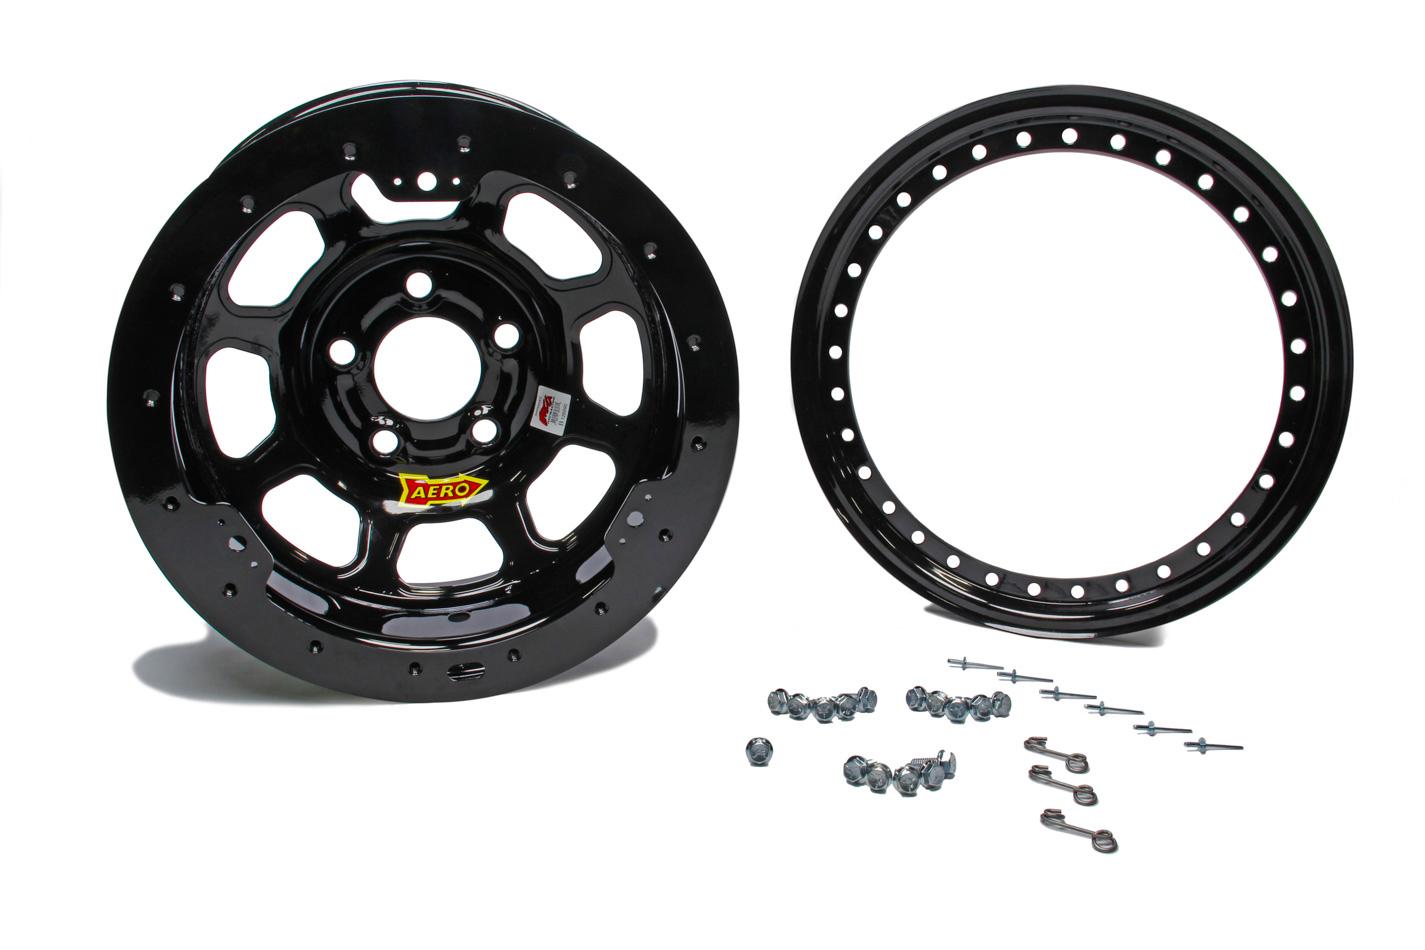 Aero Race Wheels 53-184530B Wheel, 53-Series, 15 x 8 in, 3.000 in Backspace, 5 x 4.50 in Bolt Pattern, Beadlock, Steel, Black Powder Coat, Each